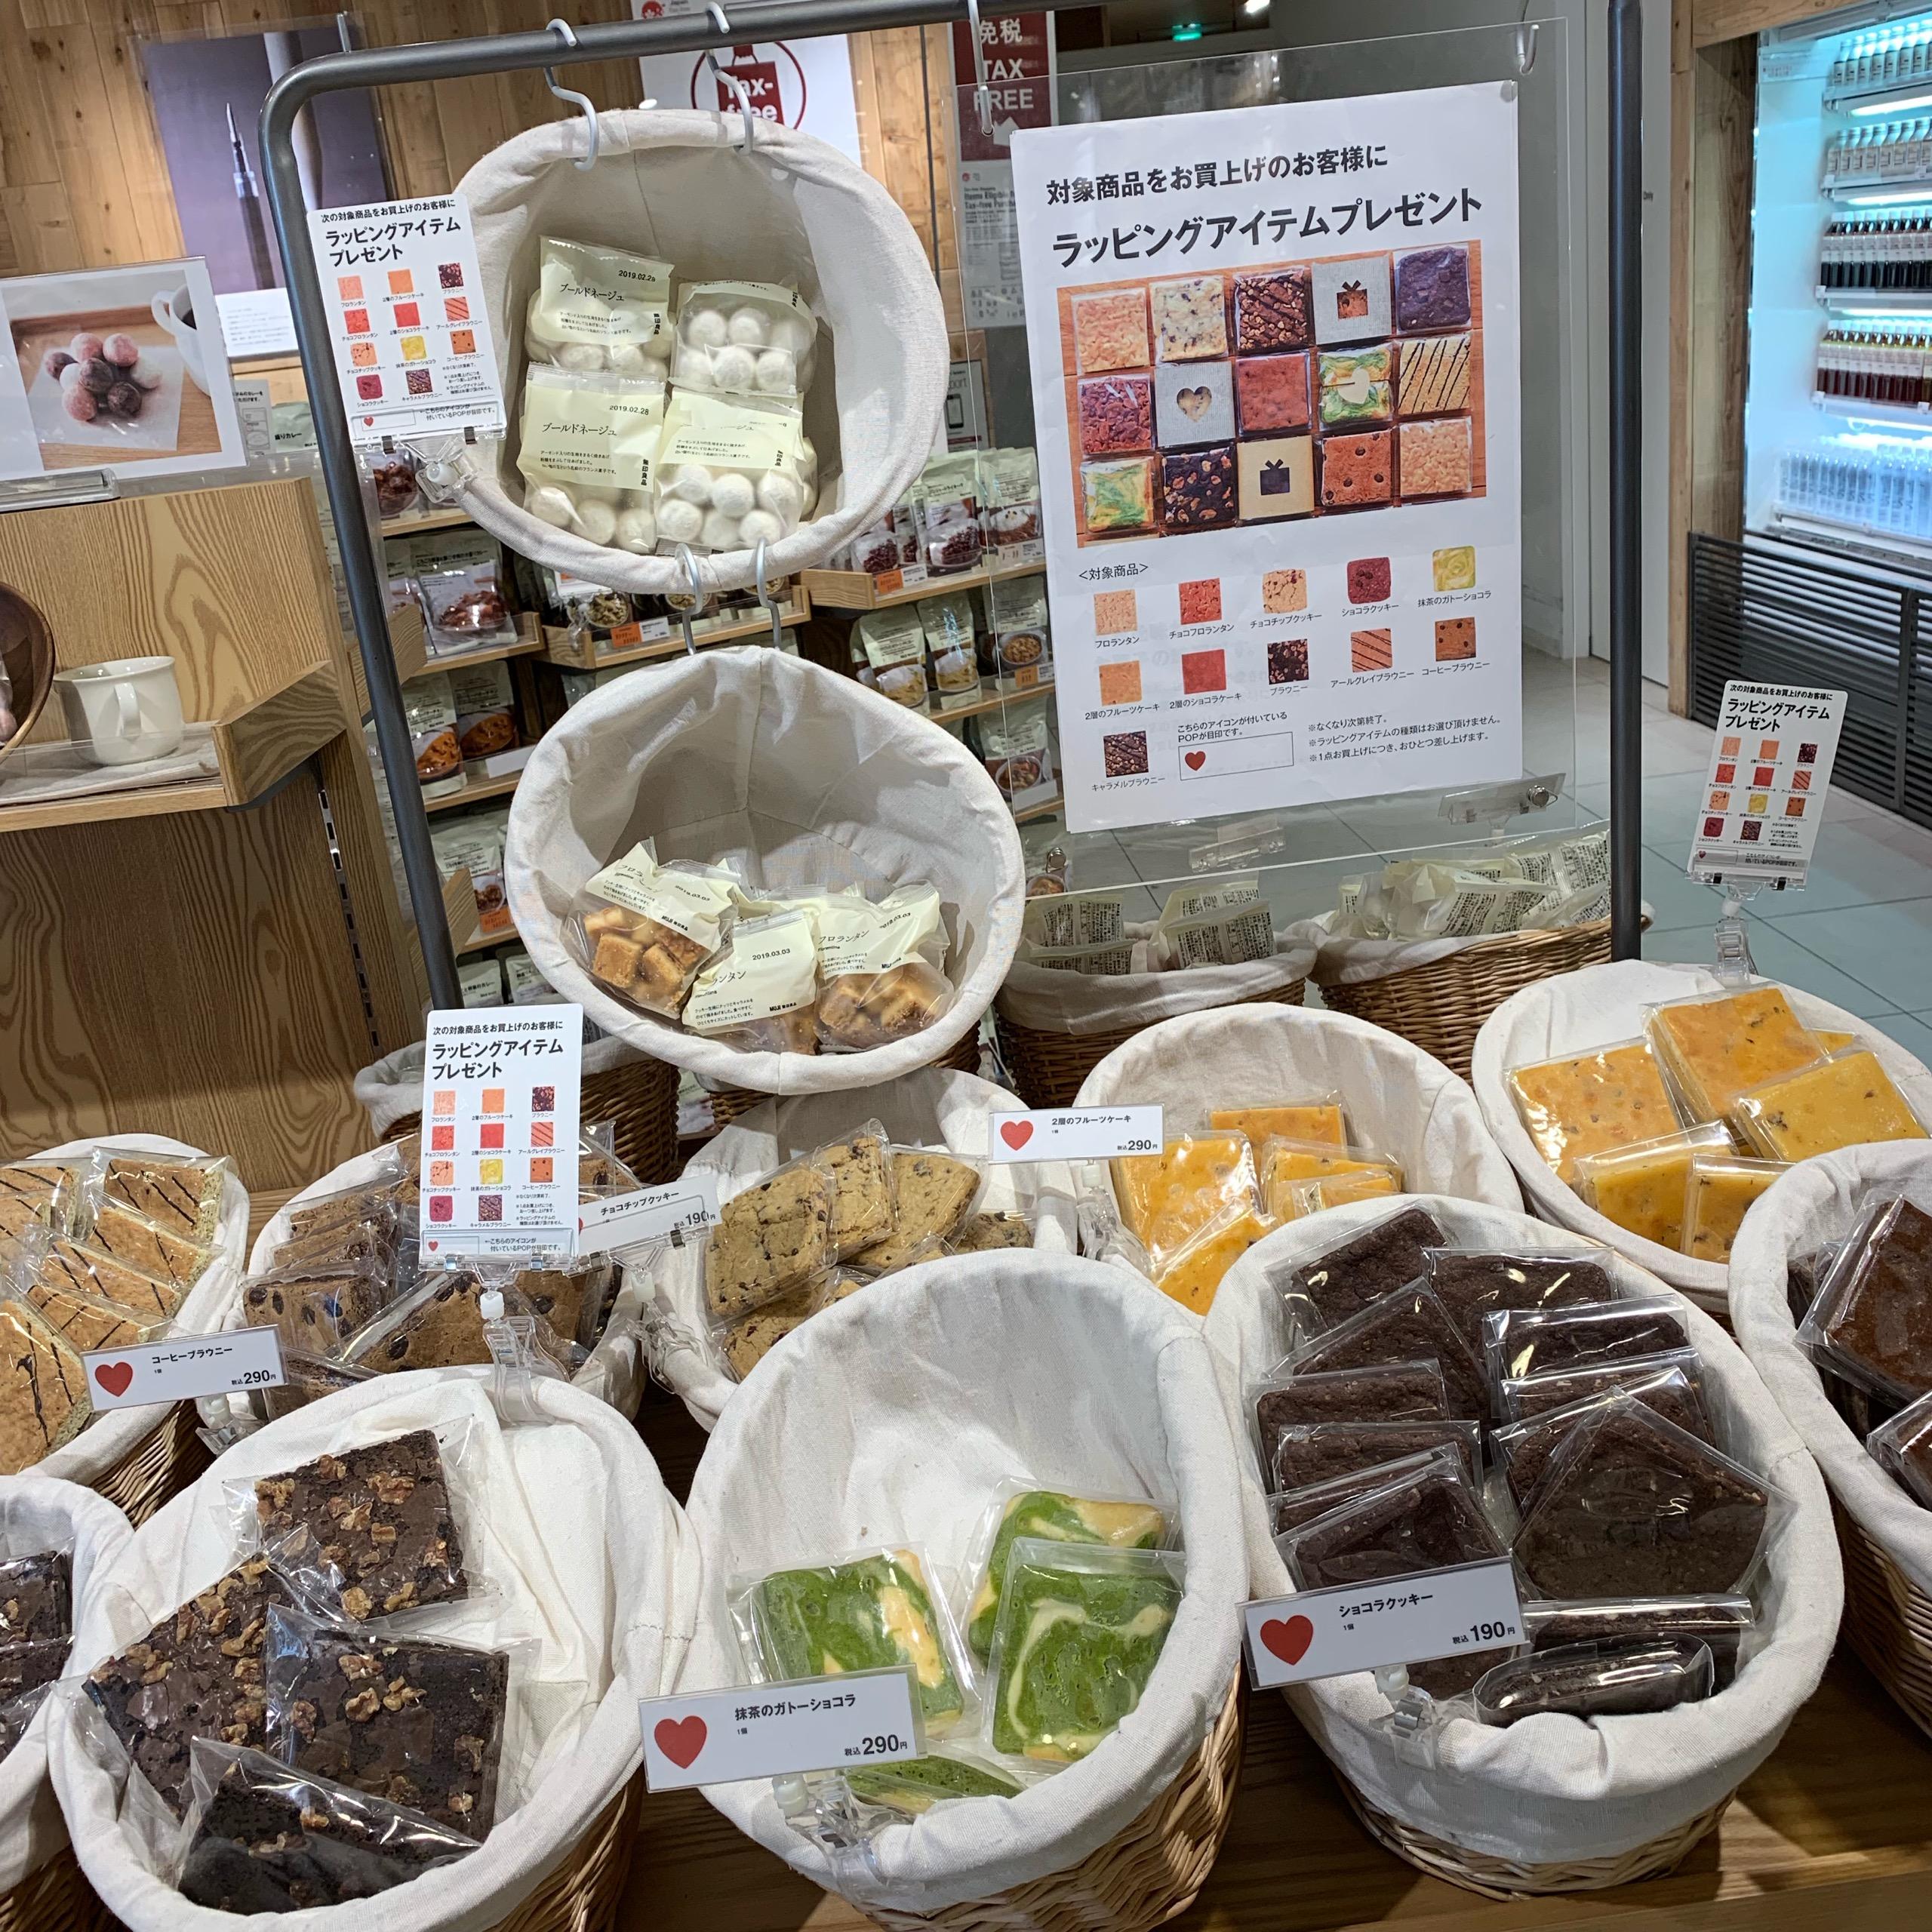 《1個¥190から買える❤️》友チョコ・義理チョコに最適☝︎❤︎【無印良品】の焼菓子がコスパ◎です!_1